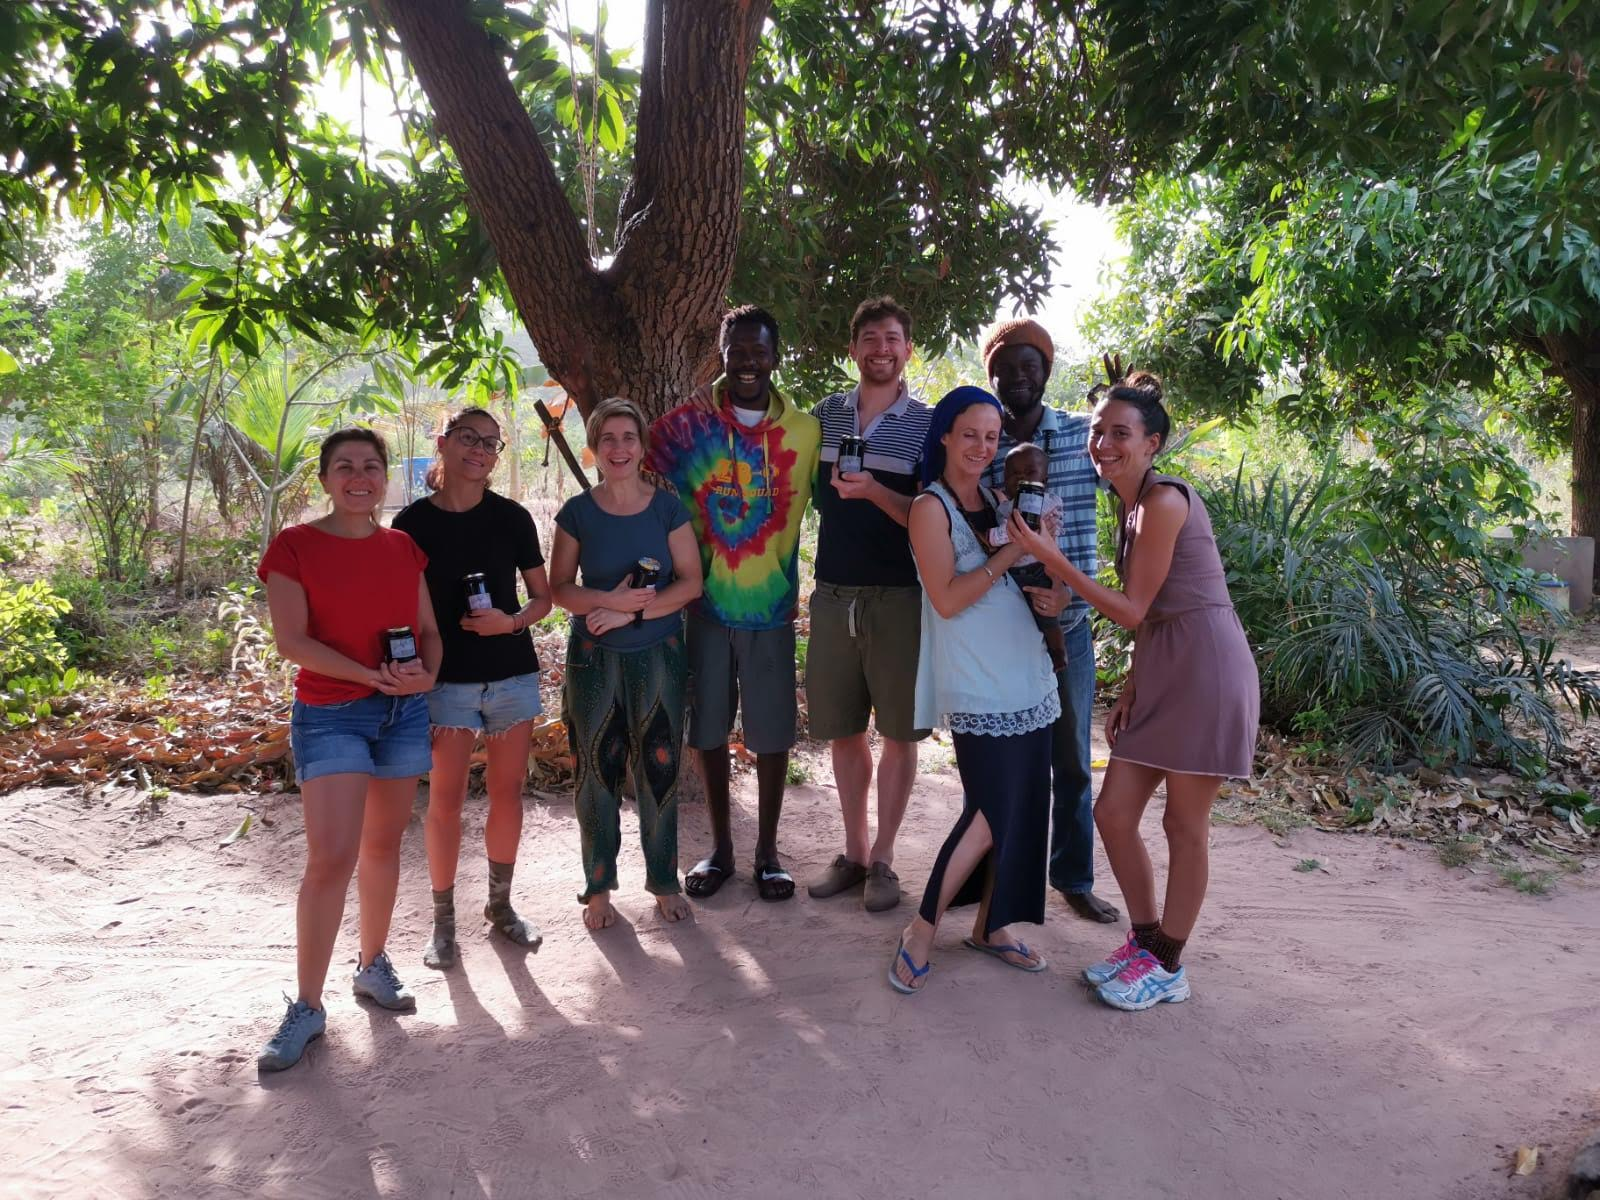 ragazzi in Senegal con barattoli di marmellata in mano